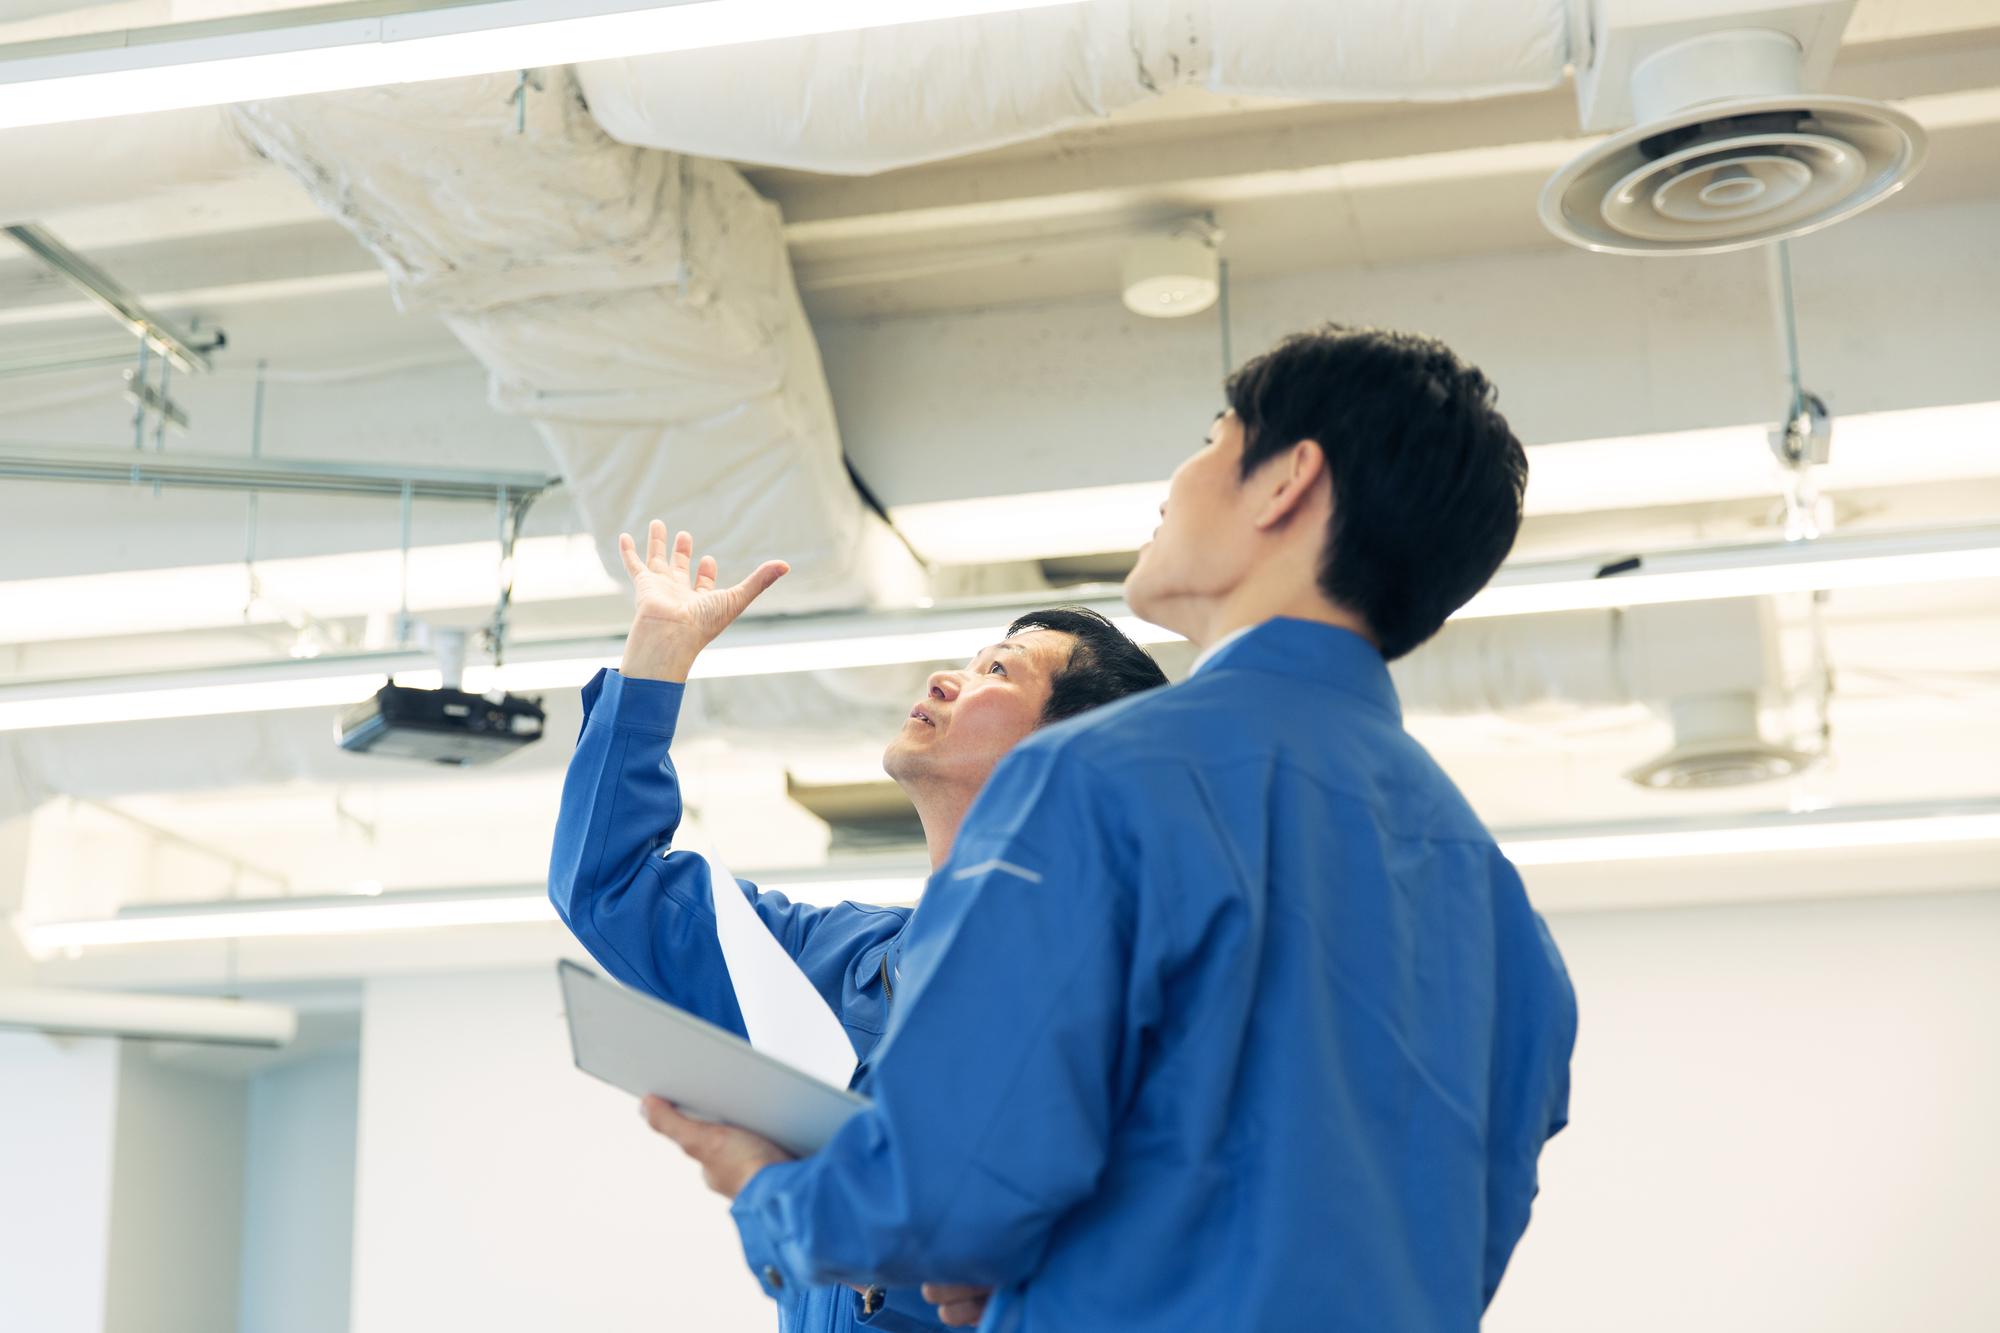 サイディング外壁のメンテナンスを業者に依頼する手順